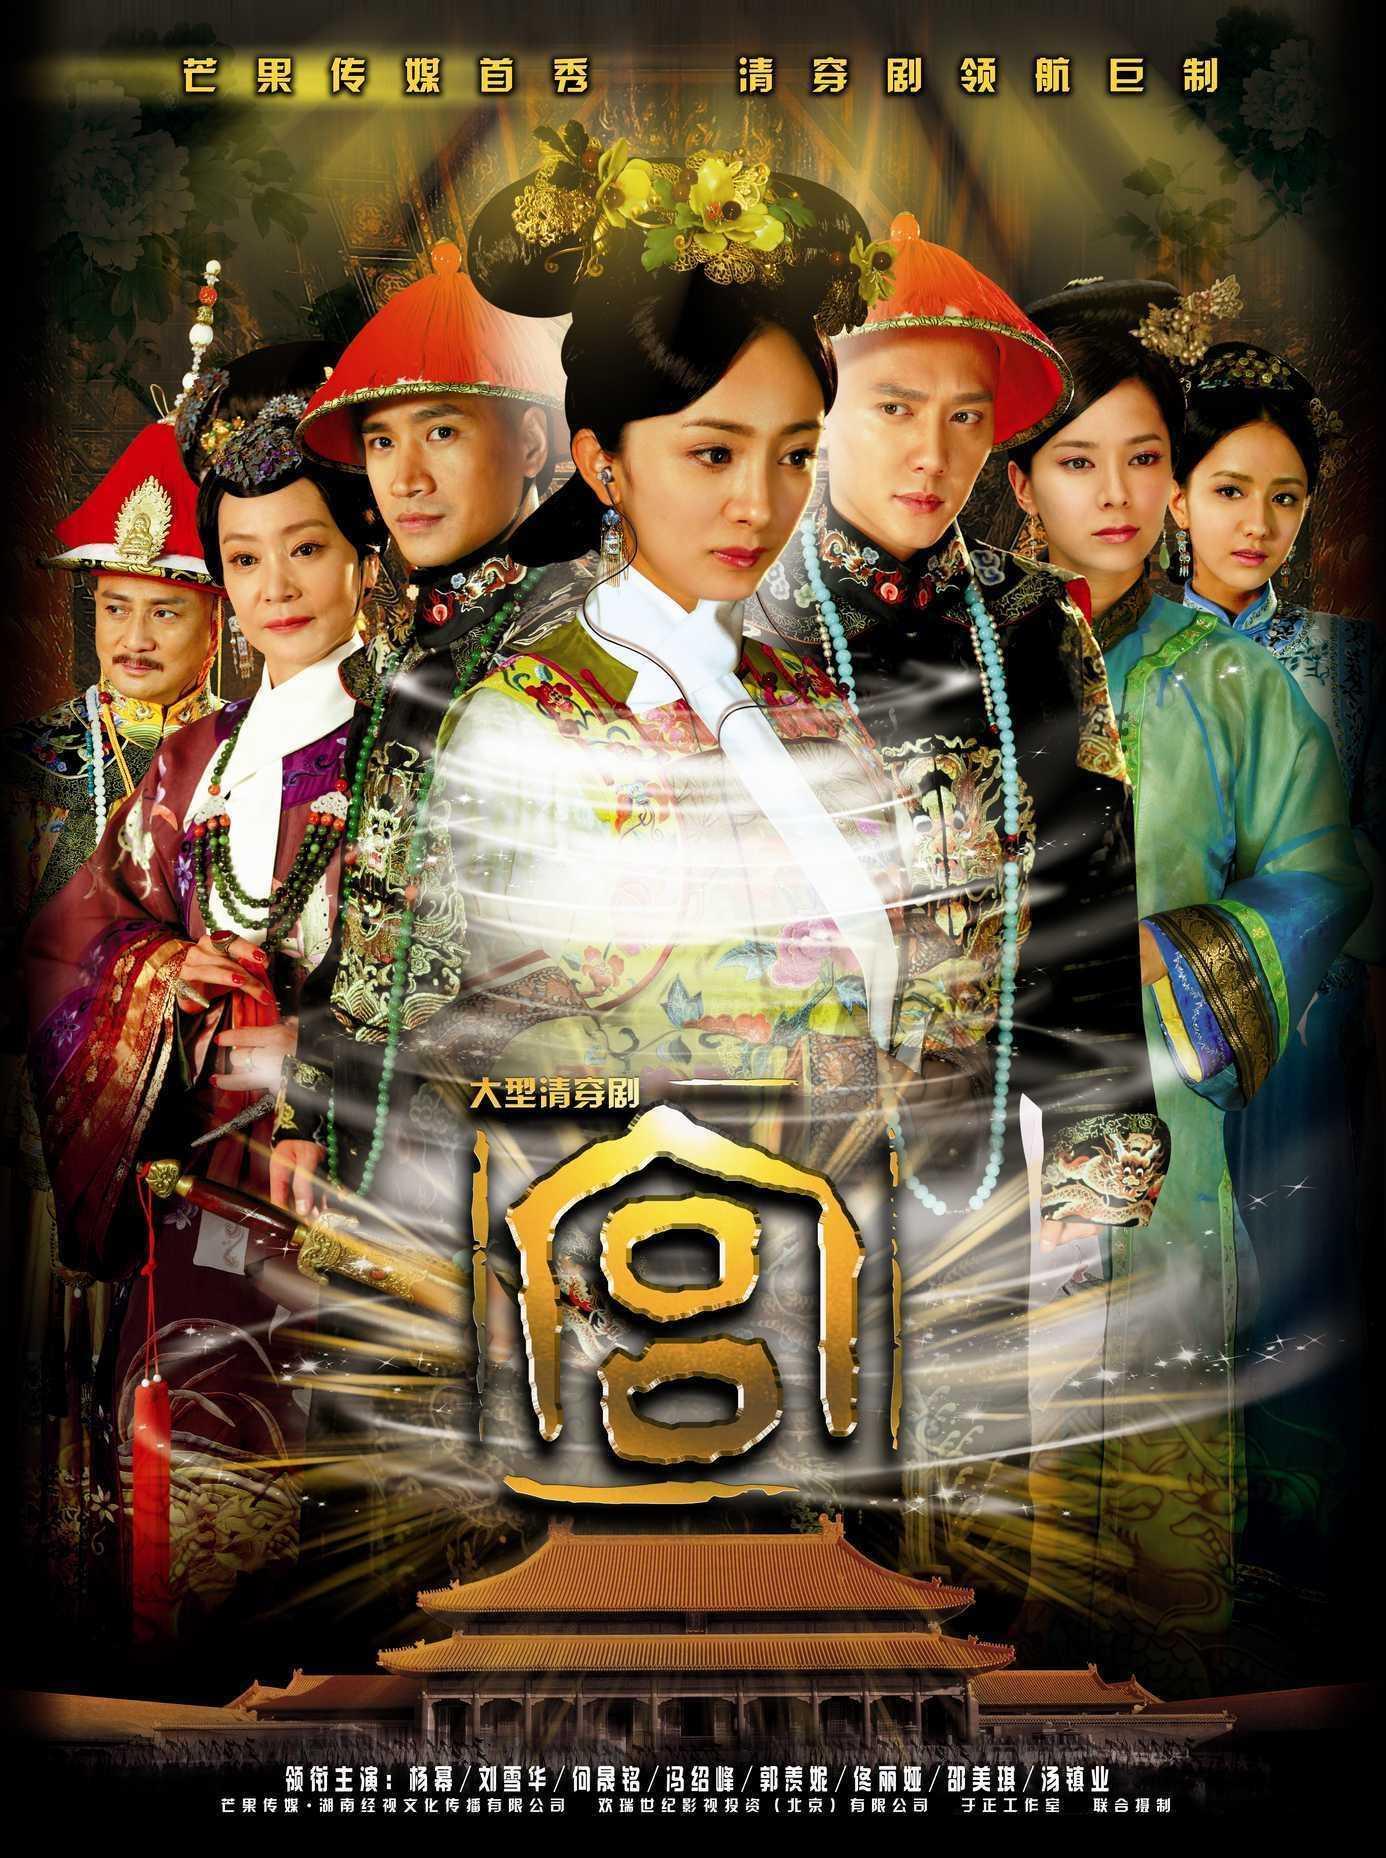 เจาะเวลาตามหาหัวใจ-palace-ตอนที่-1-39-พากย์ไทย-จบ-